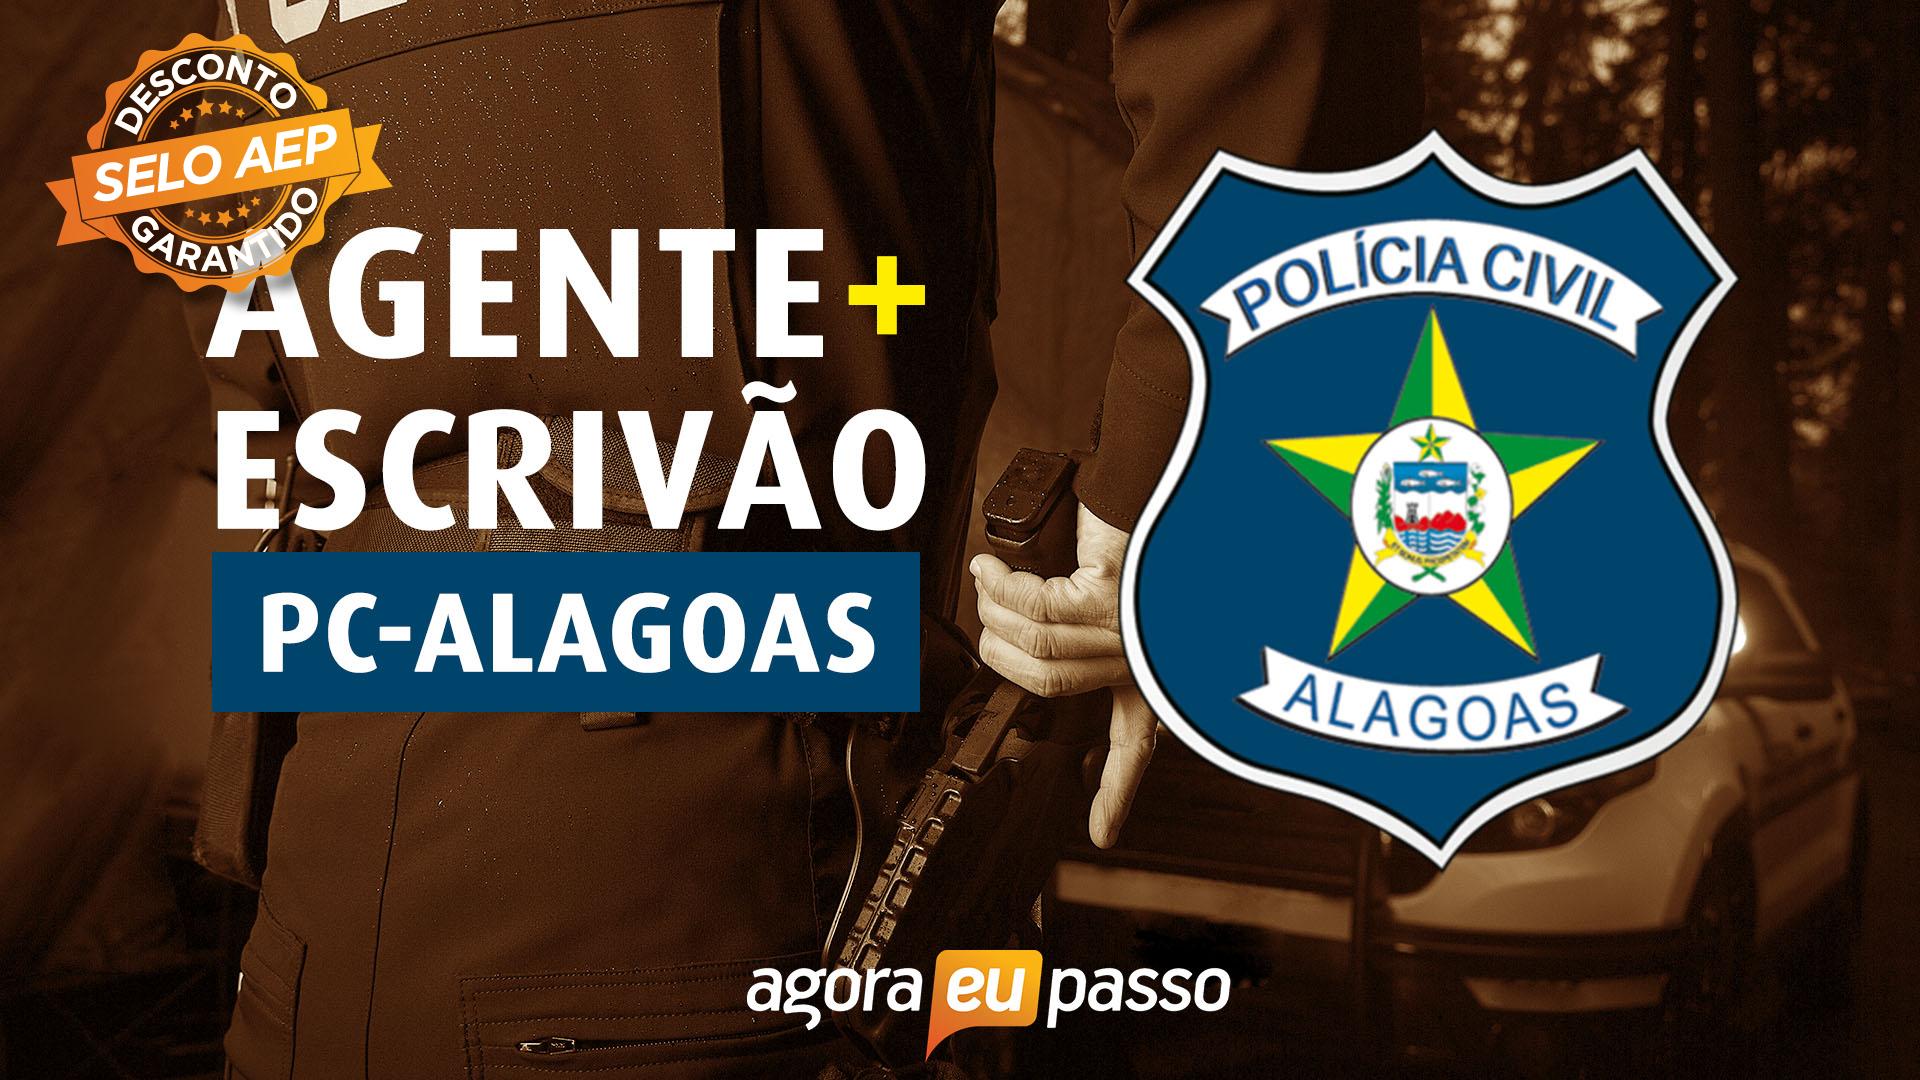 PC AL - Agente e Escrivão da Polícia Civil de Alagoas